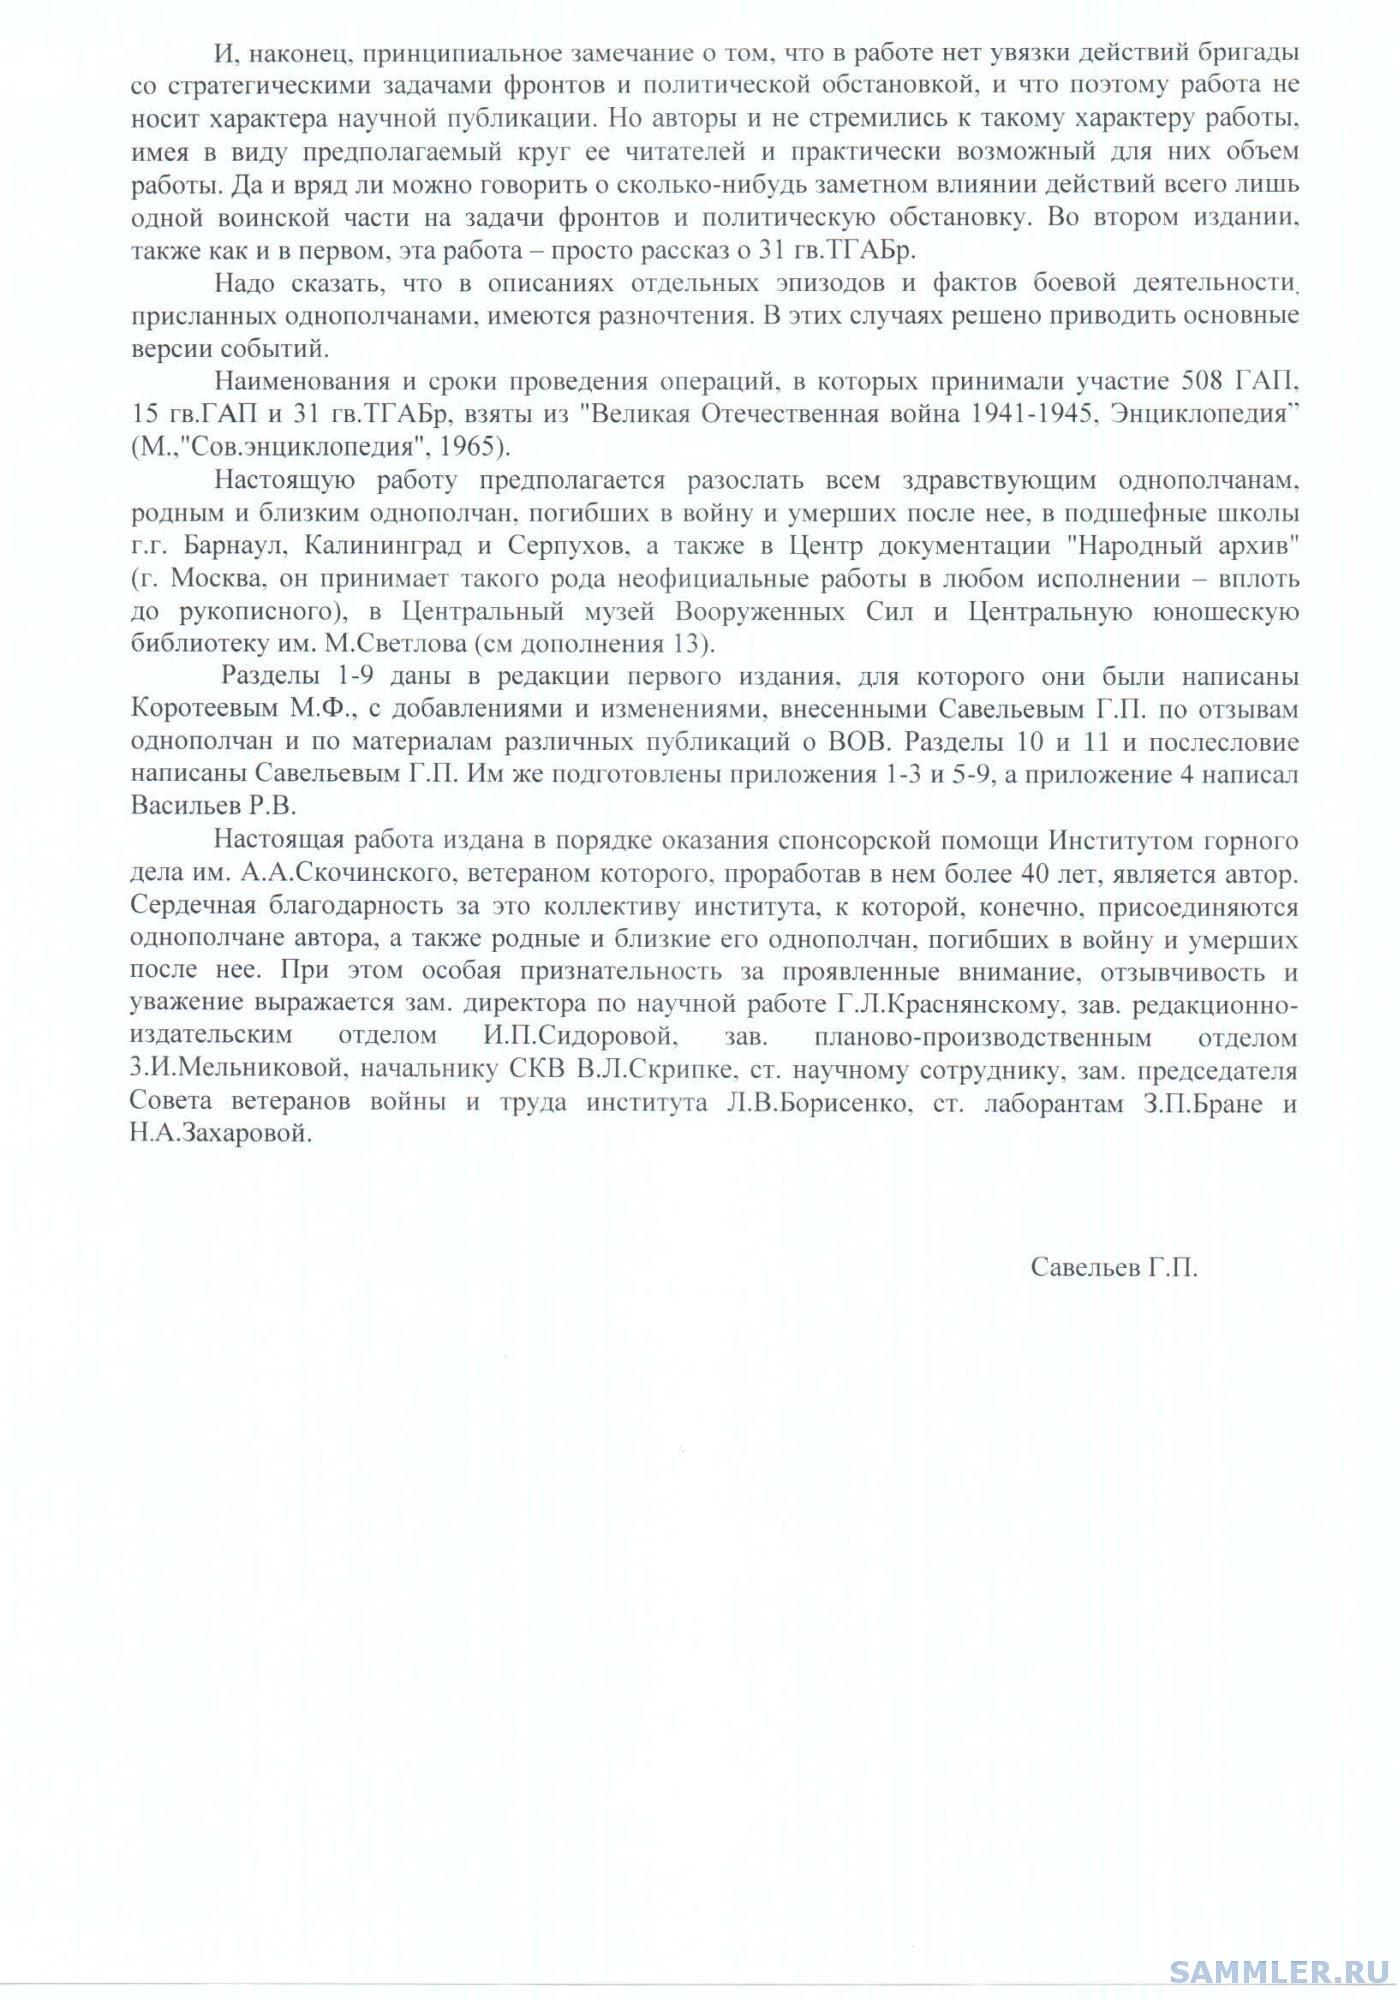 ЛИСТ 5.jpg